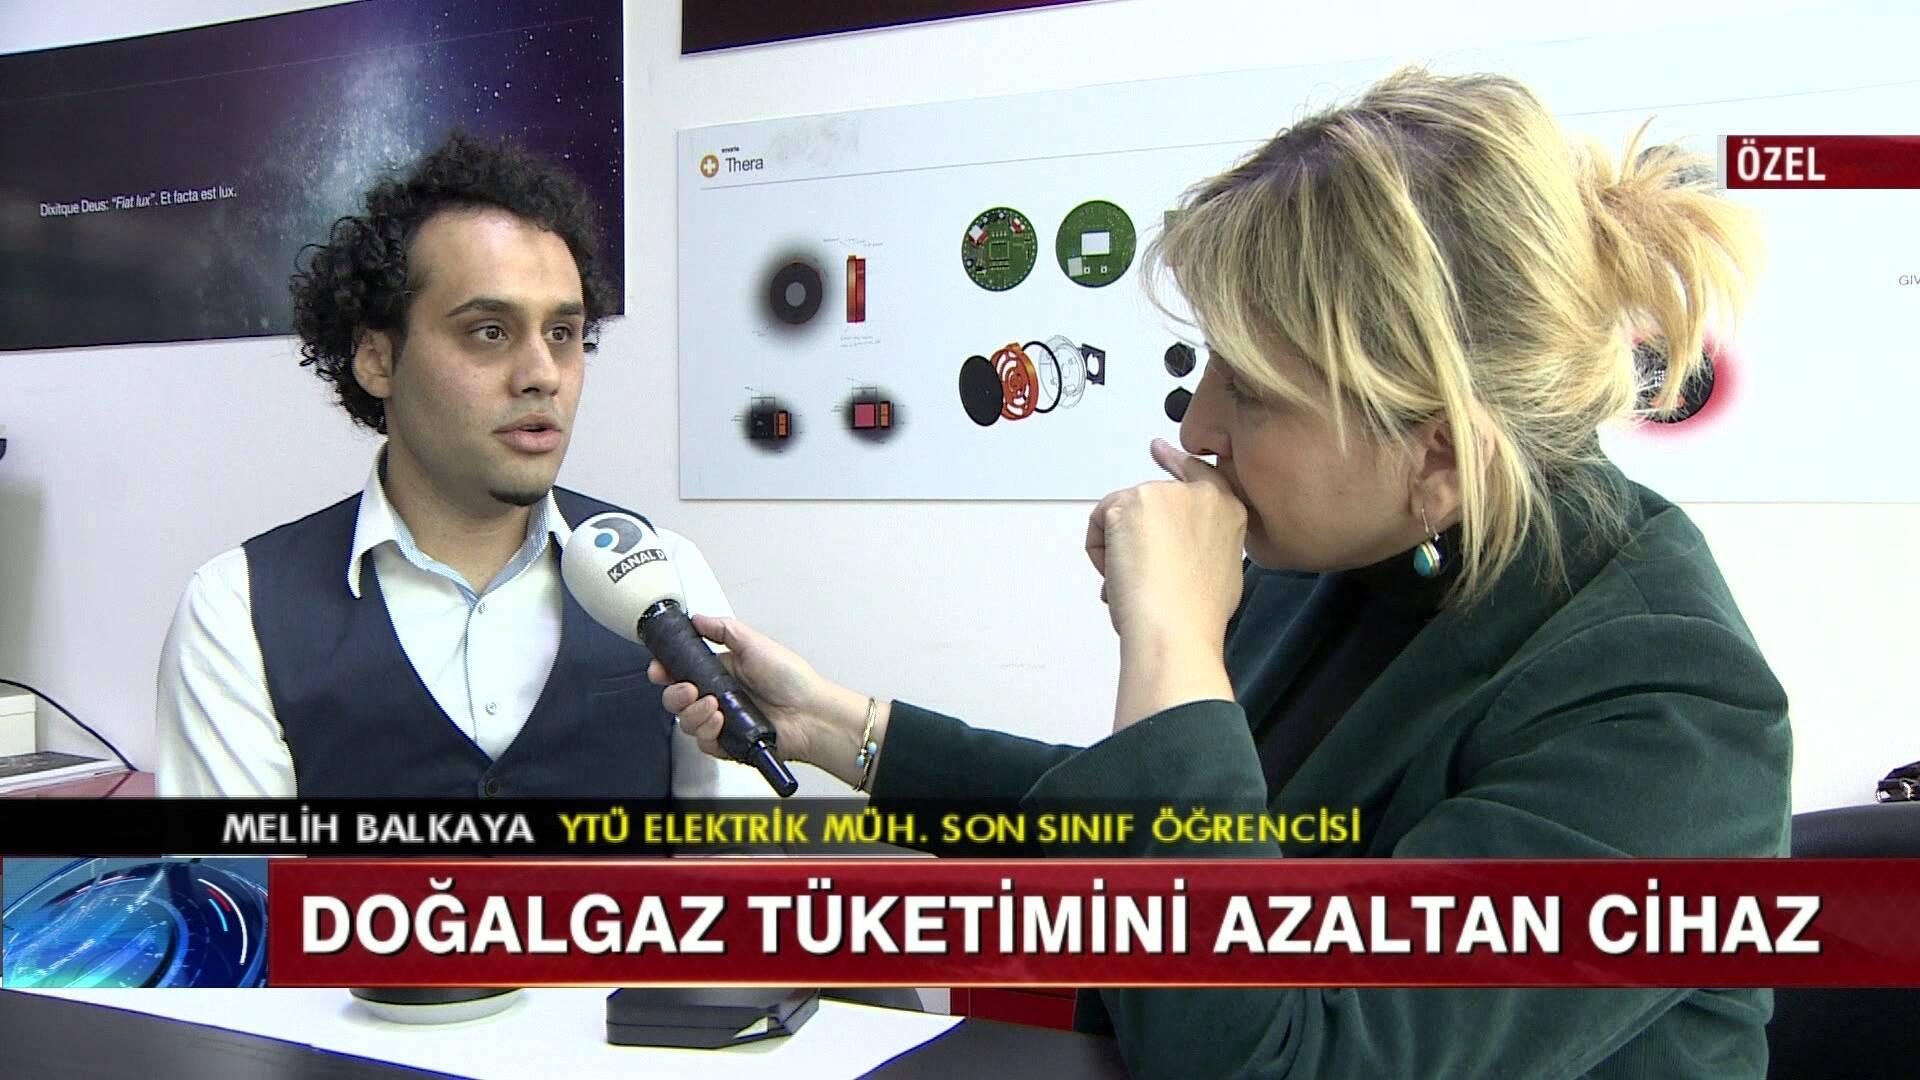 Türk gencinin mucize buluşu!